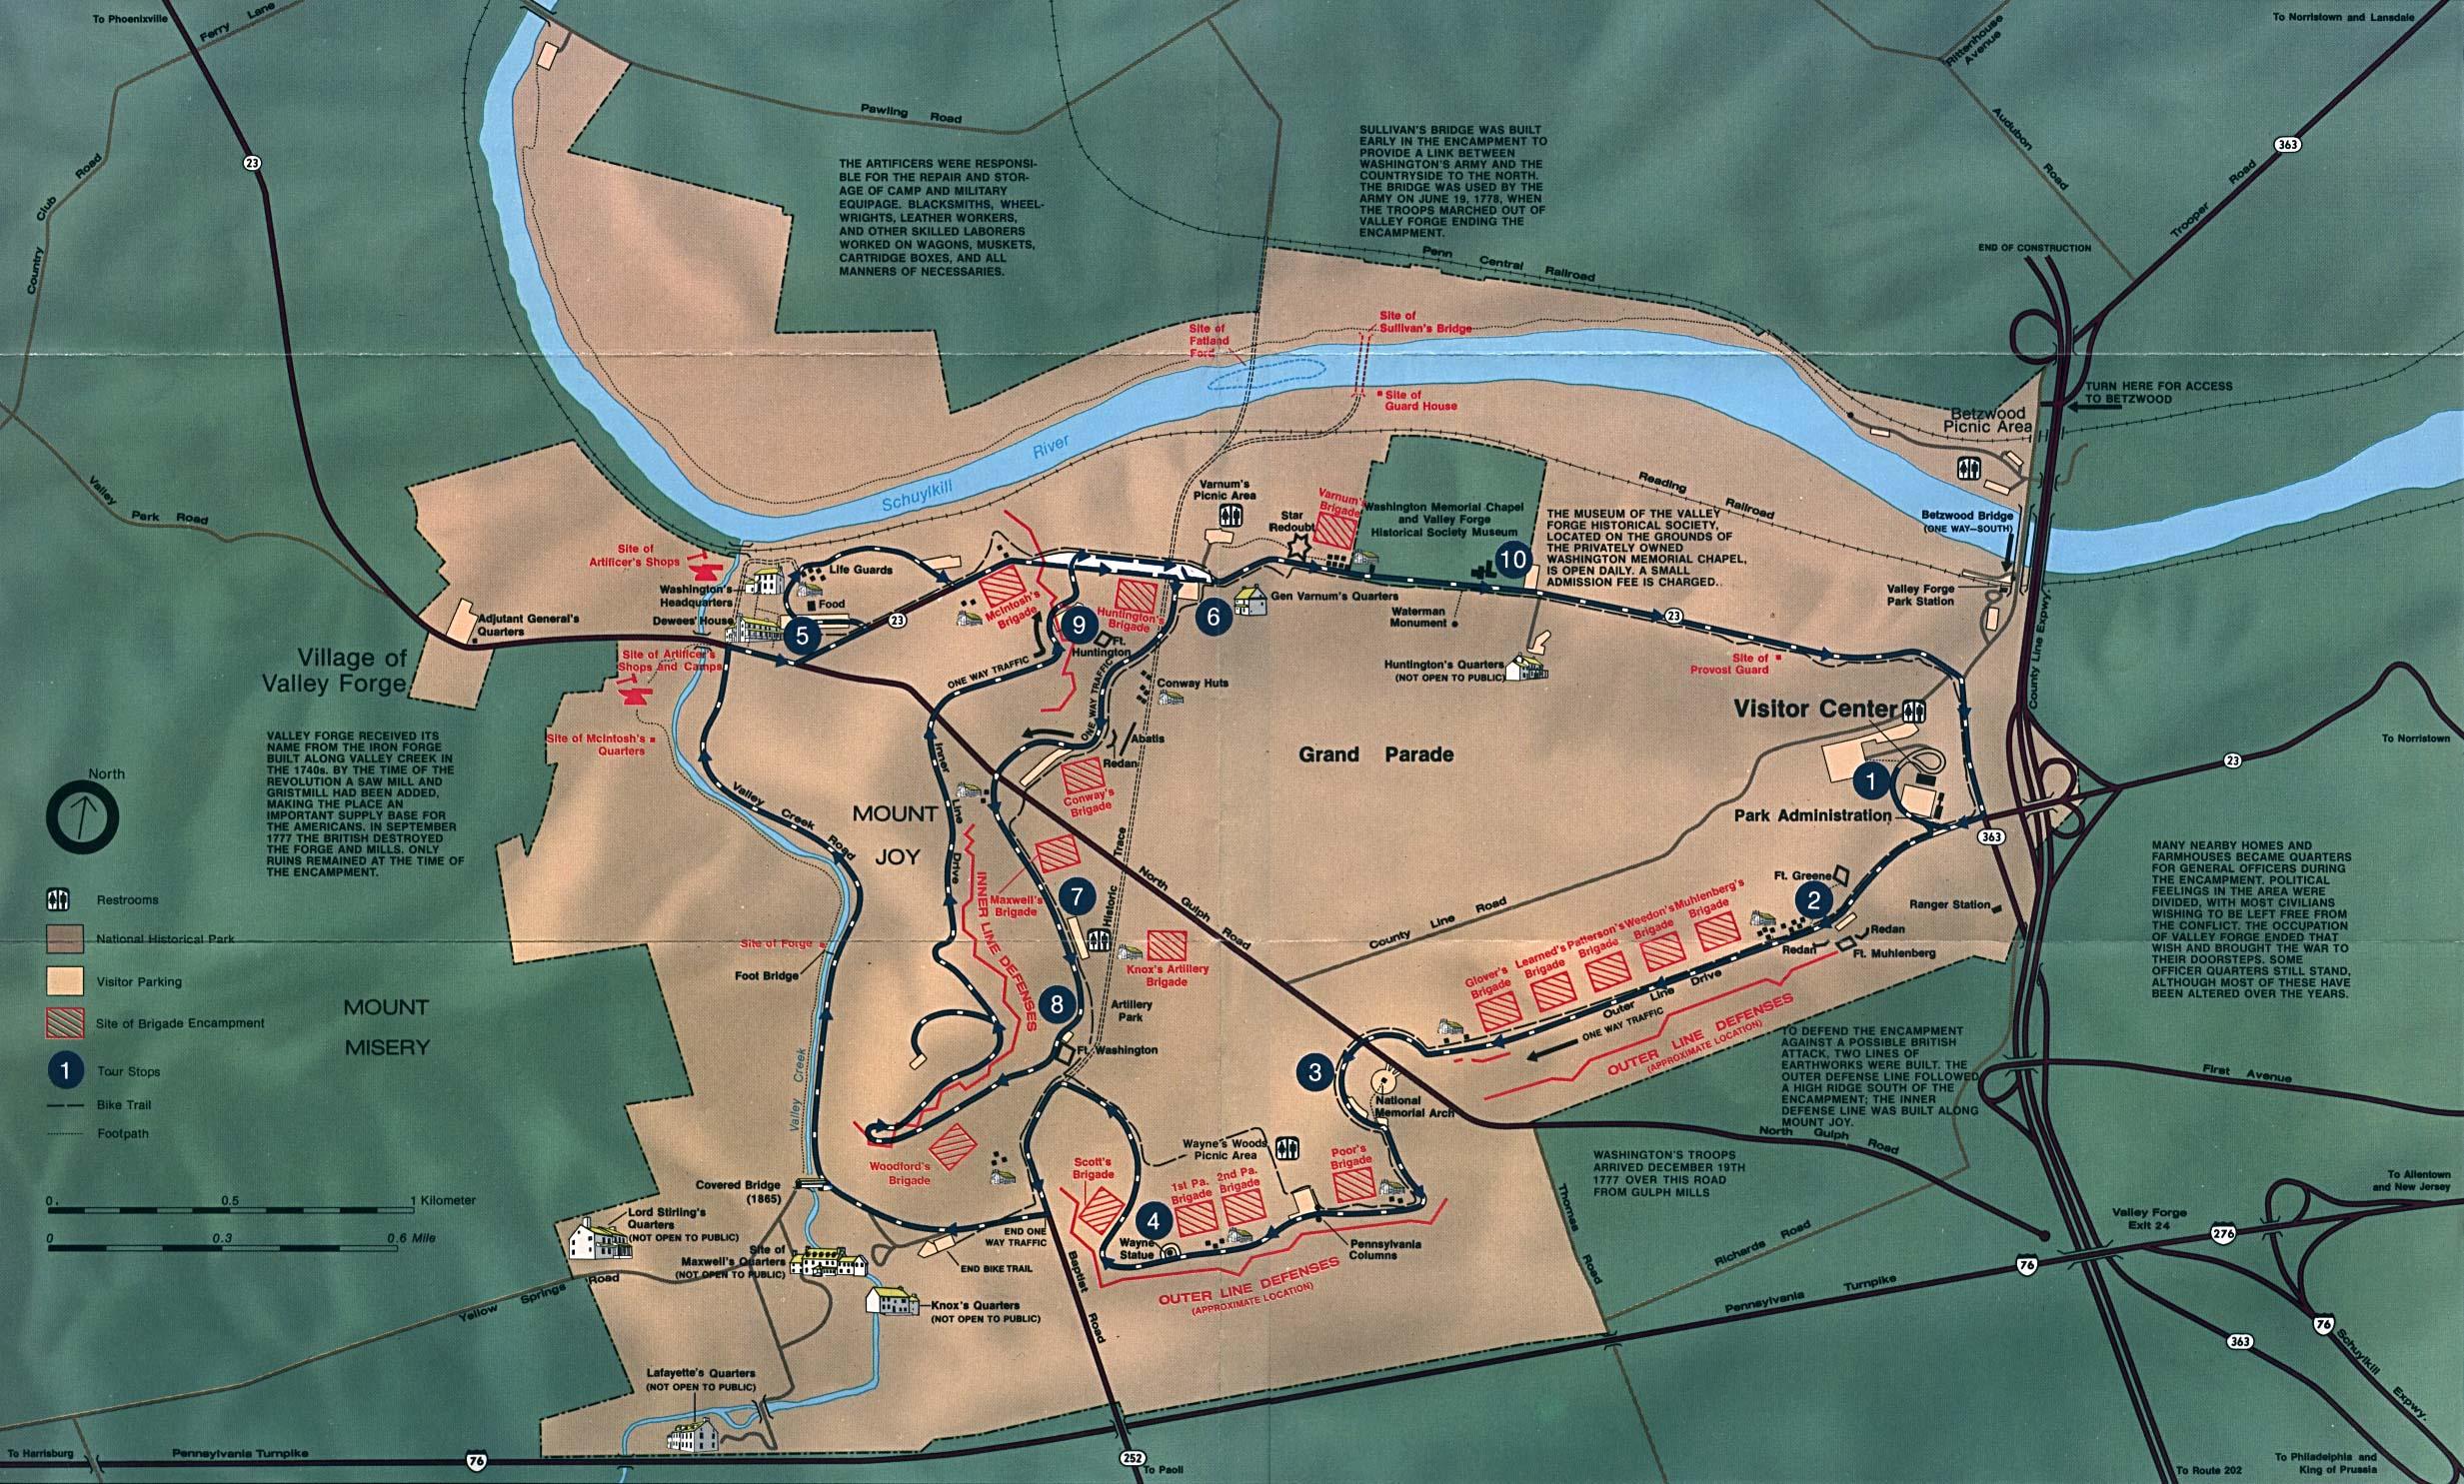 Mapa del Parque Nacional Histórico Valle Forge, Pensilvania, Estados Unidos